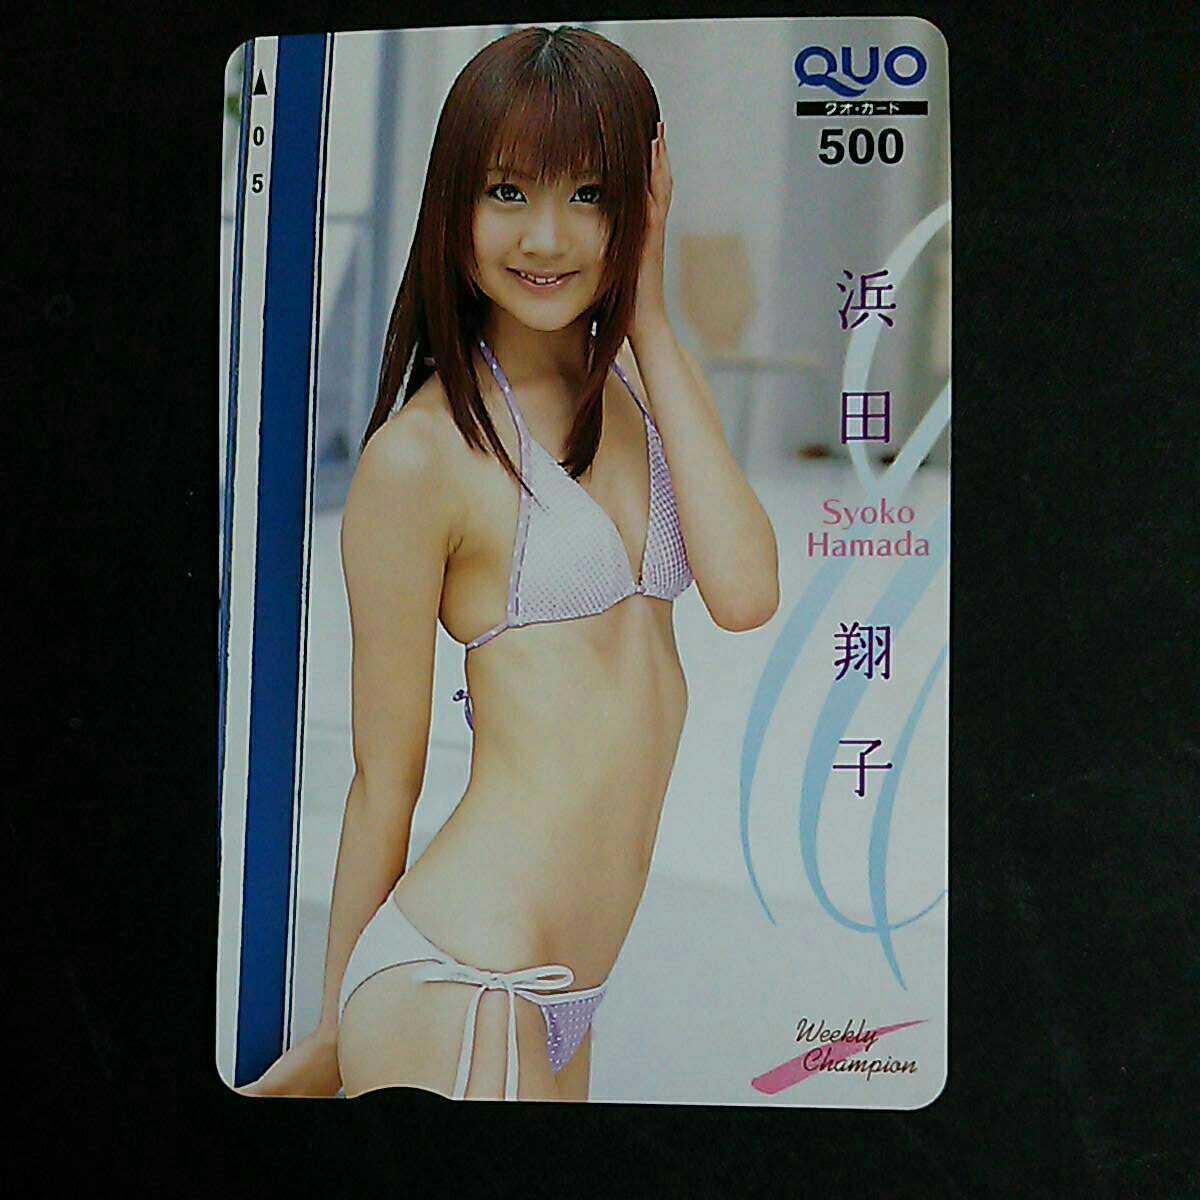 浜田翔子 レア セクシー 水着 クオカード QUOカード クオカ 非売品 未使用 グラビア アイドル テレカ、図書カードではないです ①_画像2